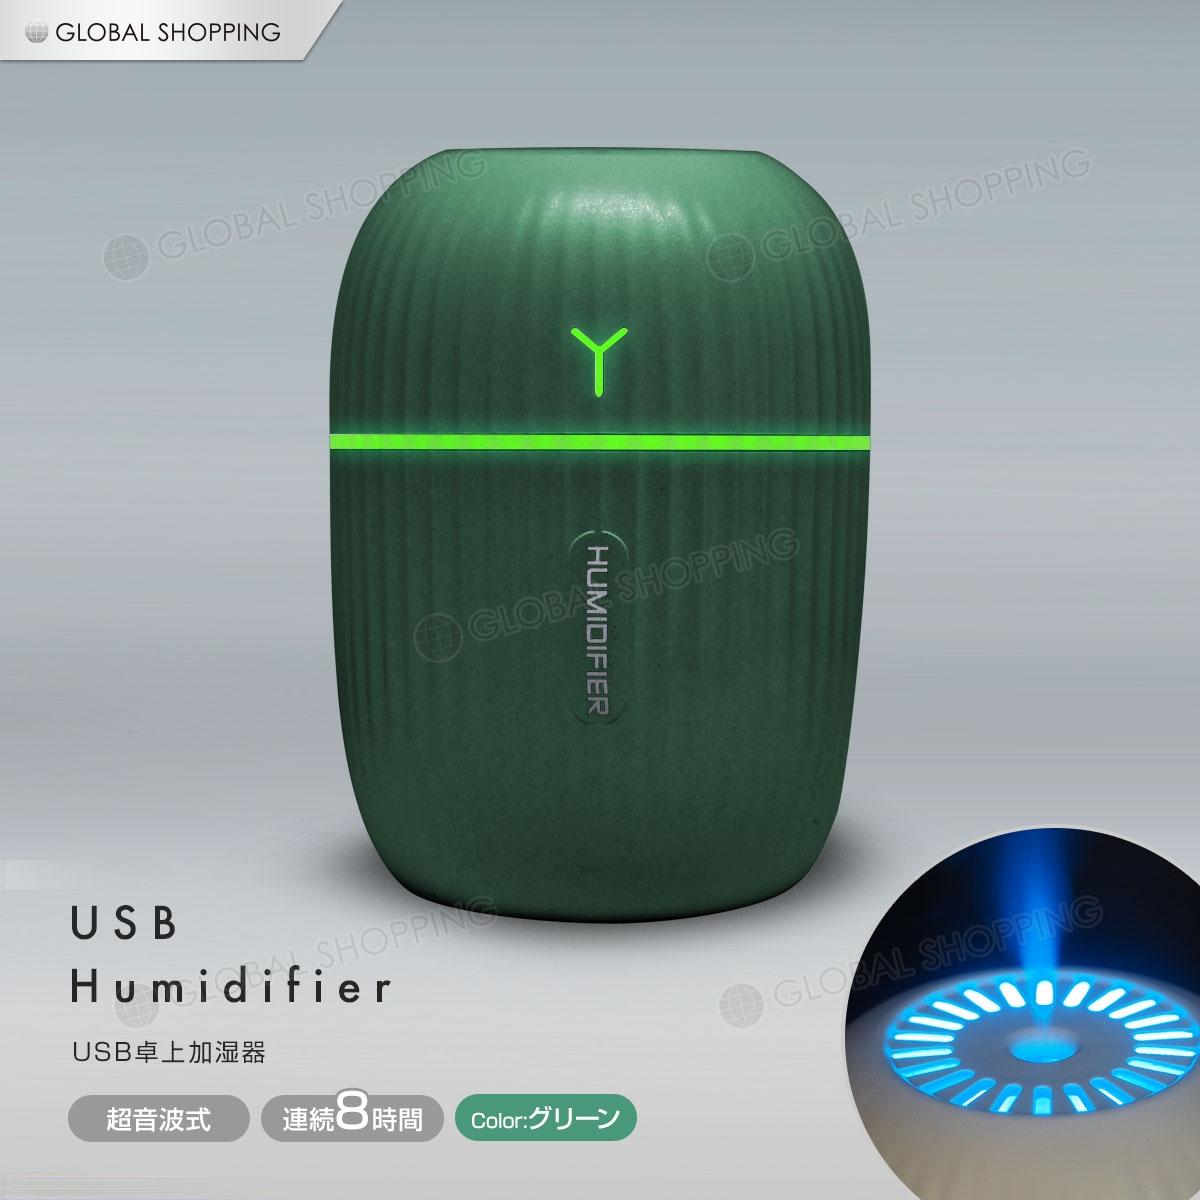 保証付 静音 省エネ 肌乾燥対策 花粉症対策 車載用 200ML 超音波式加湿器 ミニ加湿器 ディフューザー 加湿器 卓上加湿器 新作 USB 小型 超音波 携帯加湿器 オフィス デスク 加湿機 大容量 長時間 ミストボックス ミニ 車載 USB加湿器 マイクロミスト 卓上 現品 グレー 7色LEDライト